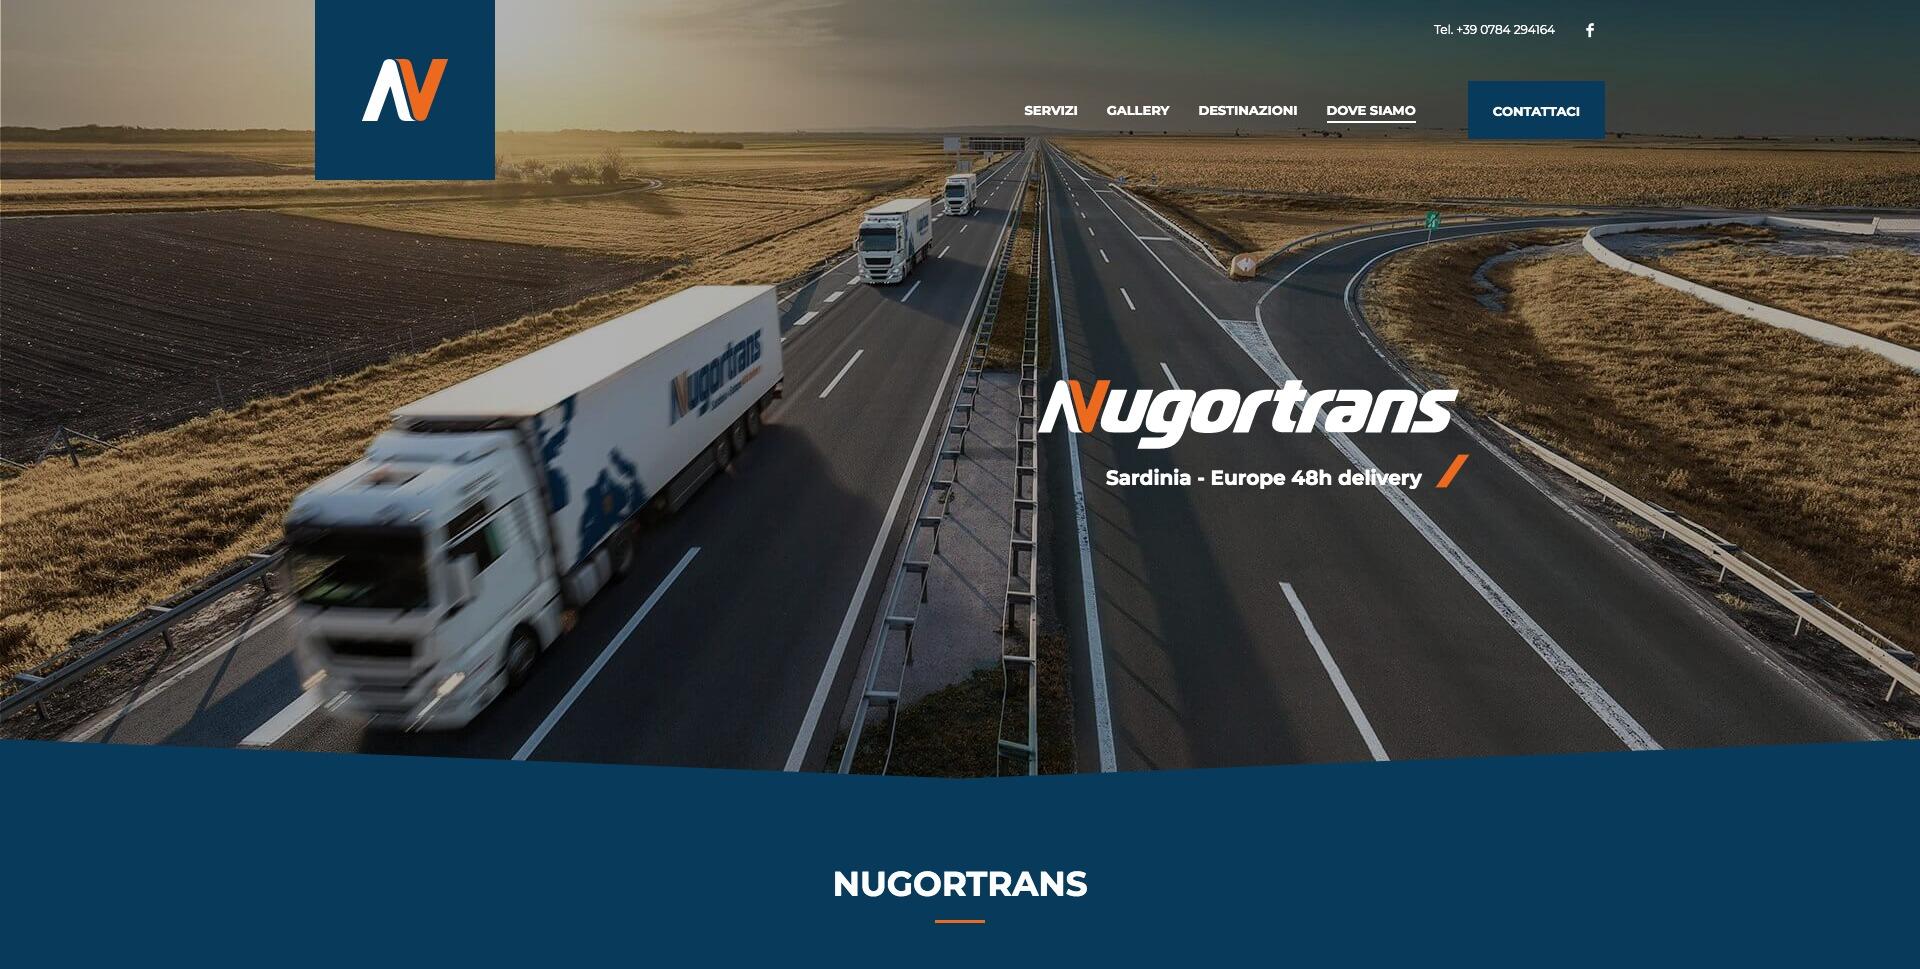 NugorTrans